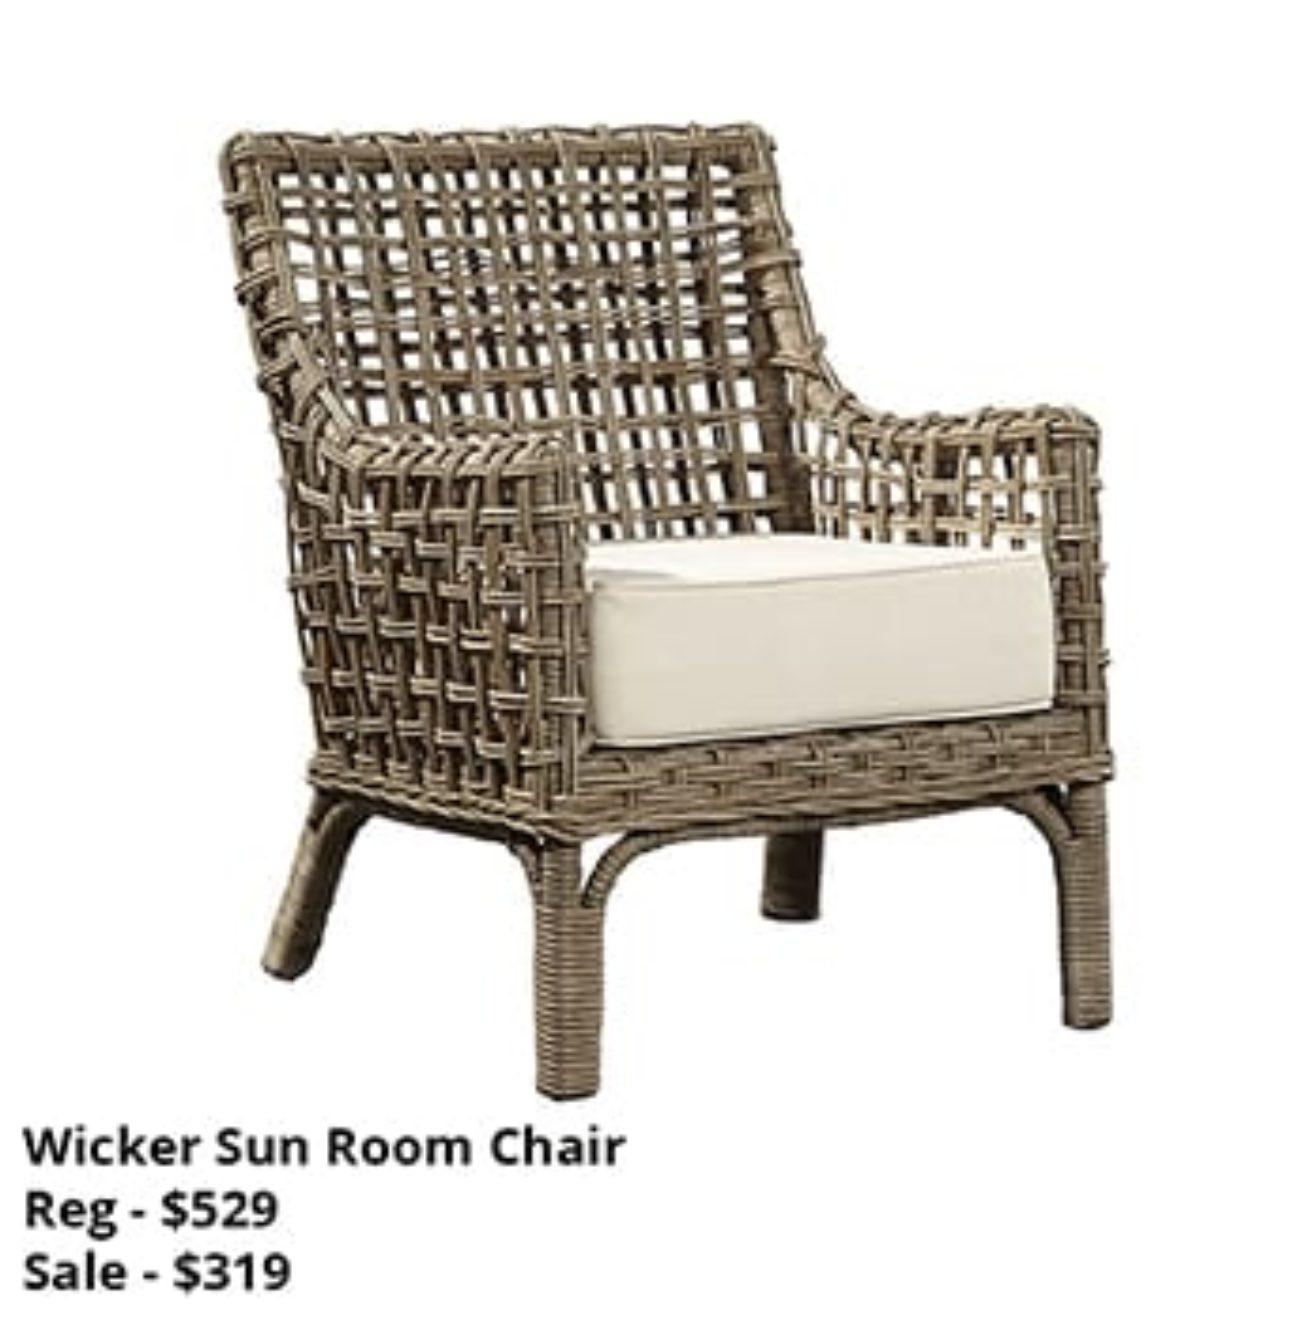 Wicker Sun Room Chair